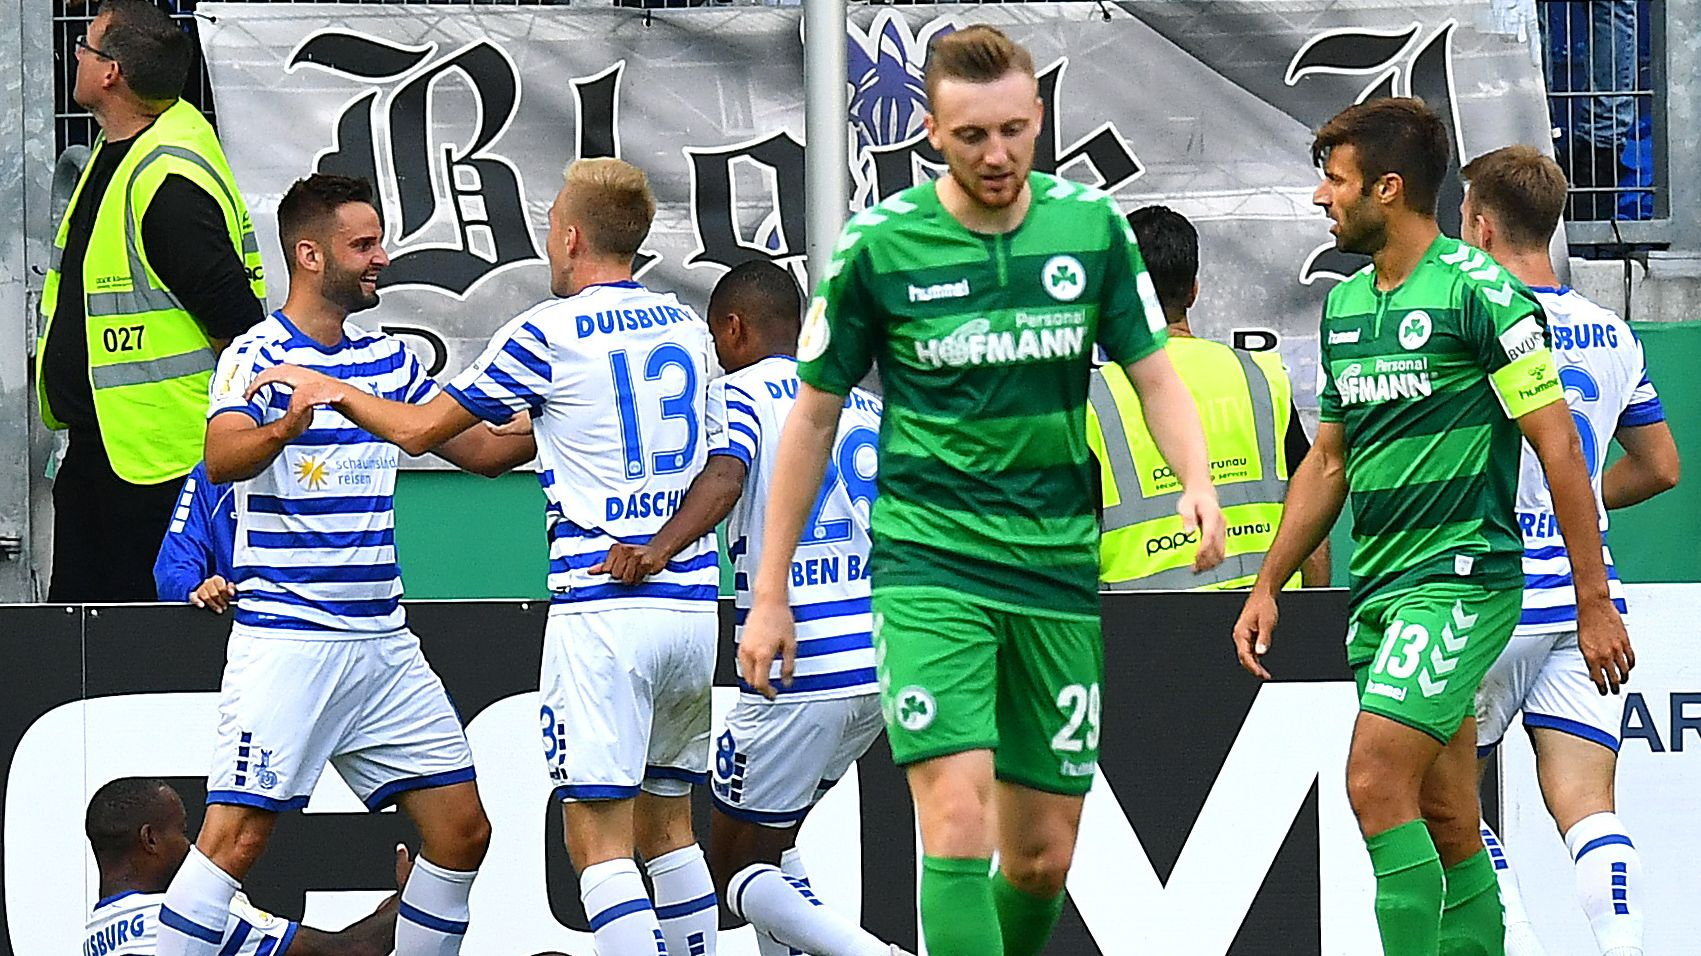 Duisburger Jubel, Fürther Enttäuschung nach einem Tor im Pokalspiel